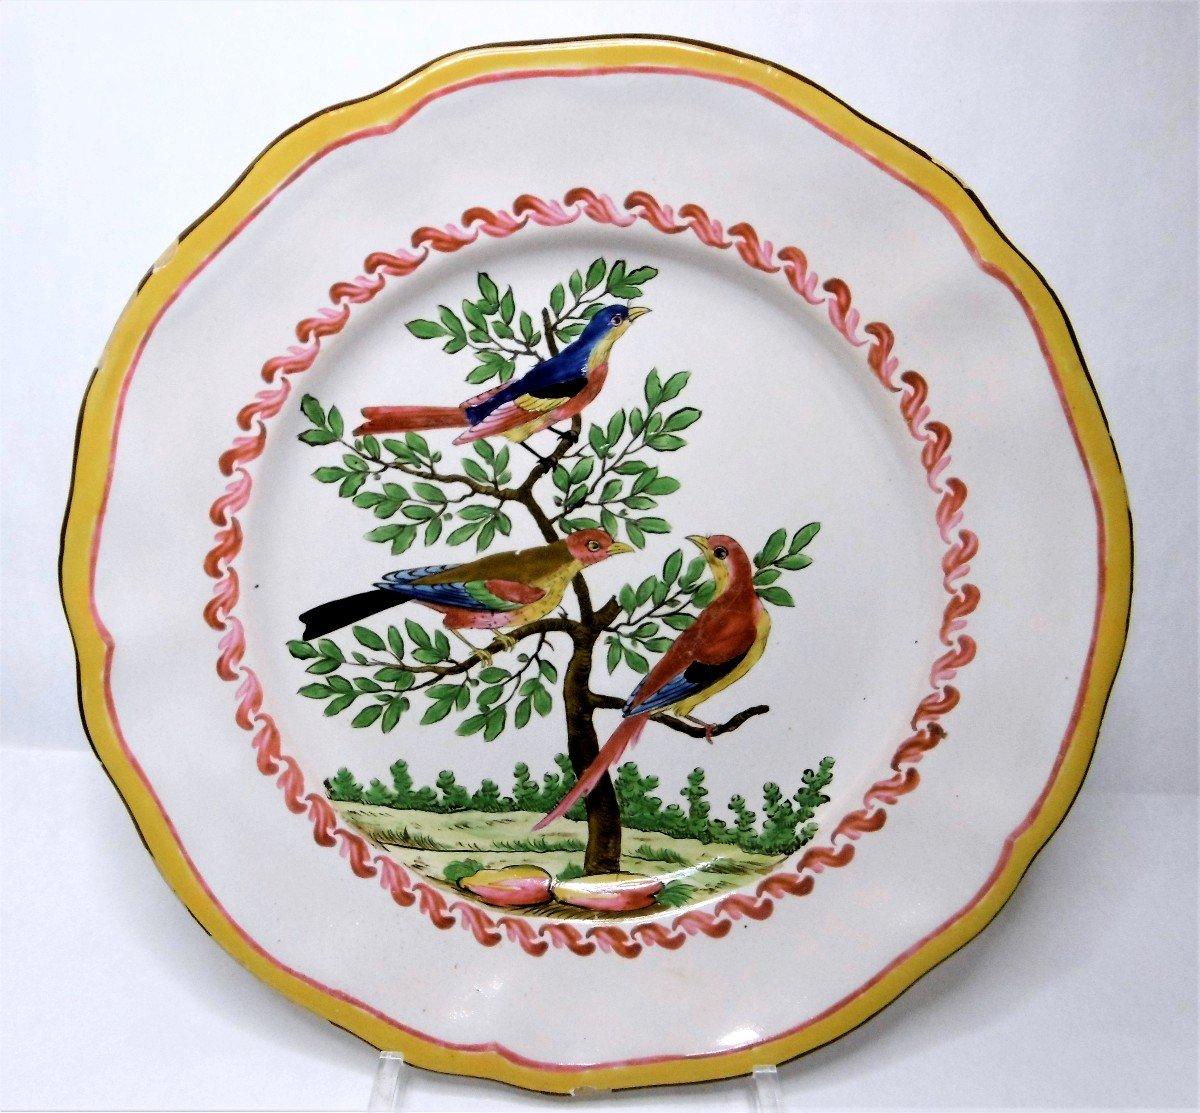 Les Islettes Periode Dupre Plat Aux Oiseaux Imaginaires d'Epoque XVIIIéme Siecle